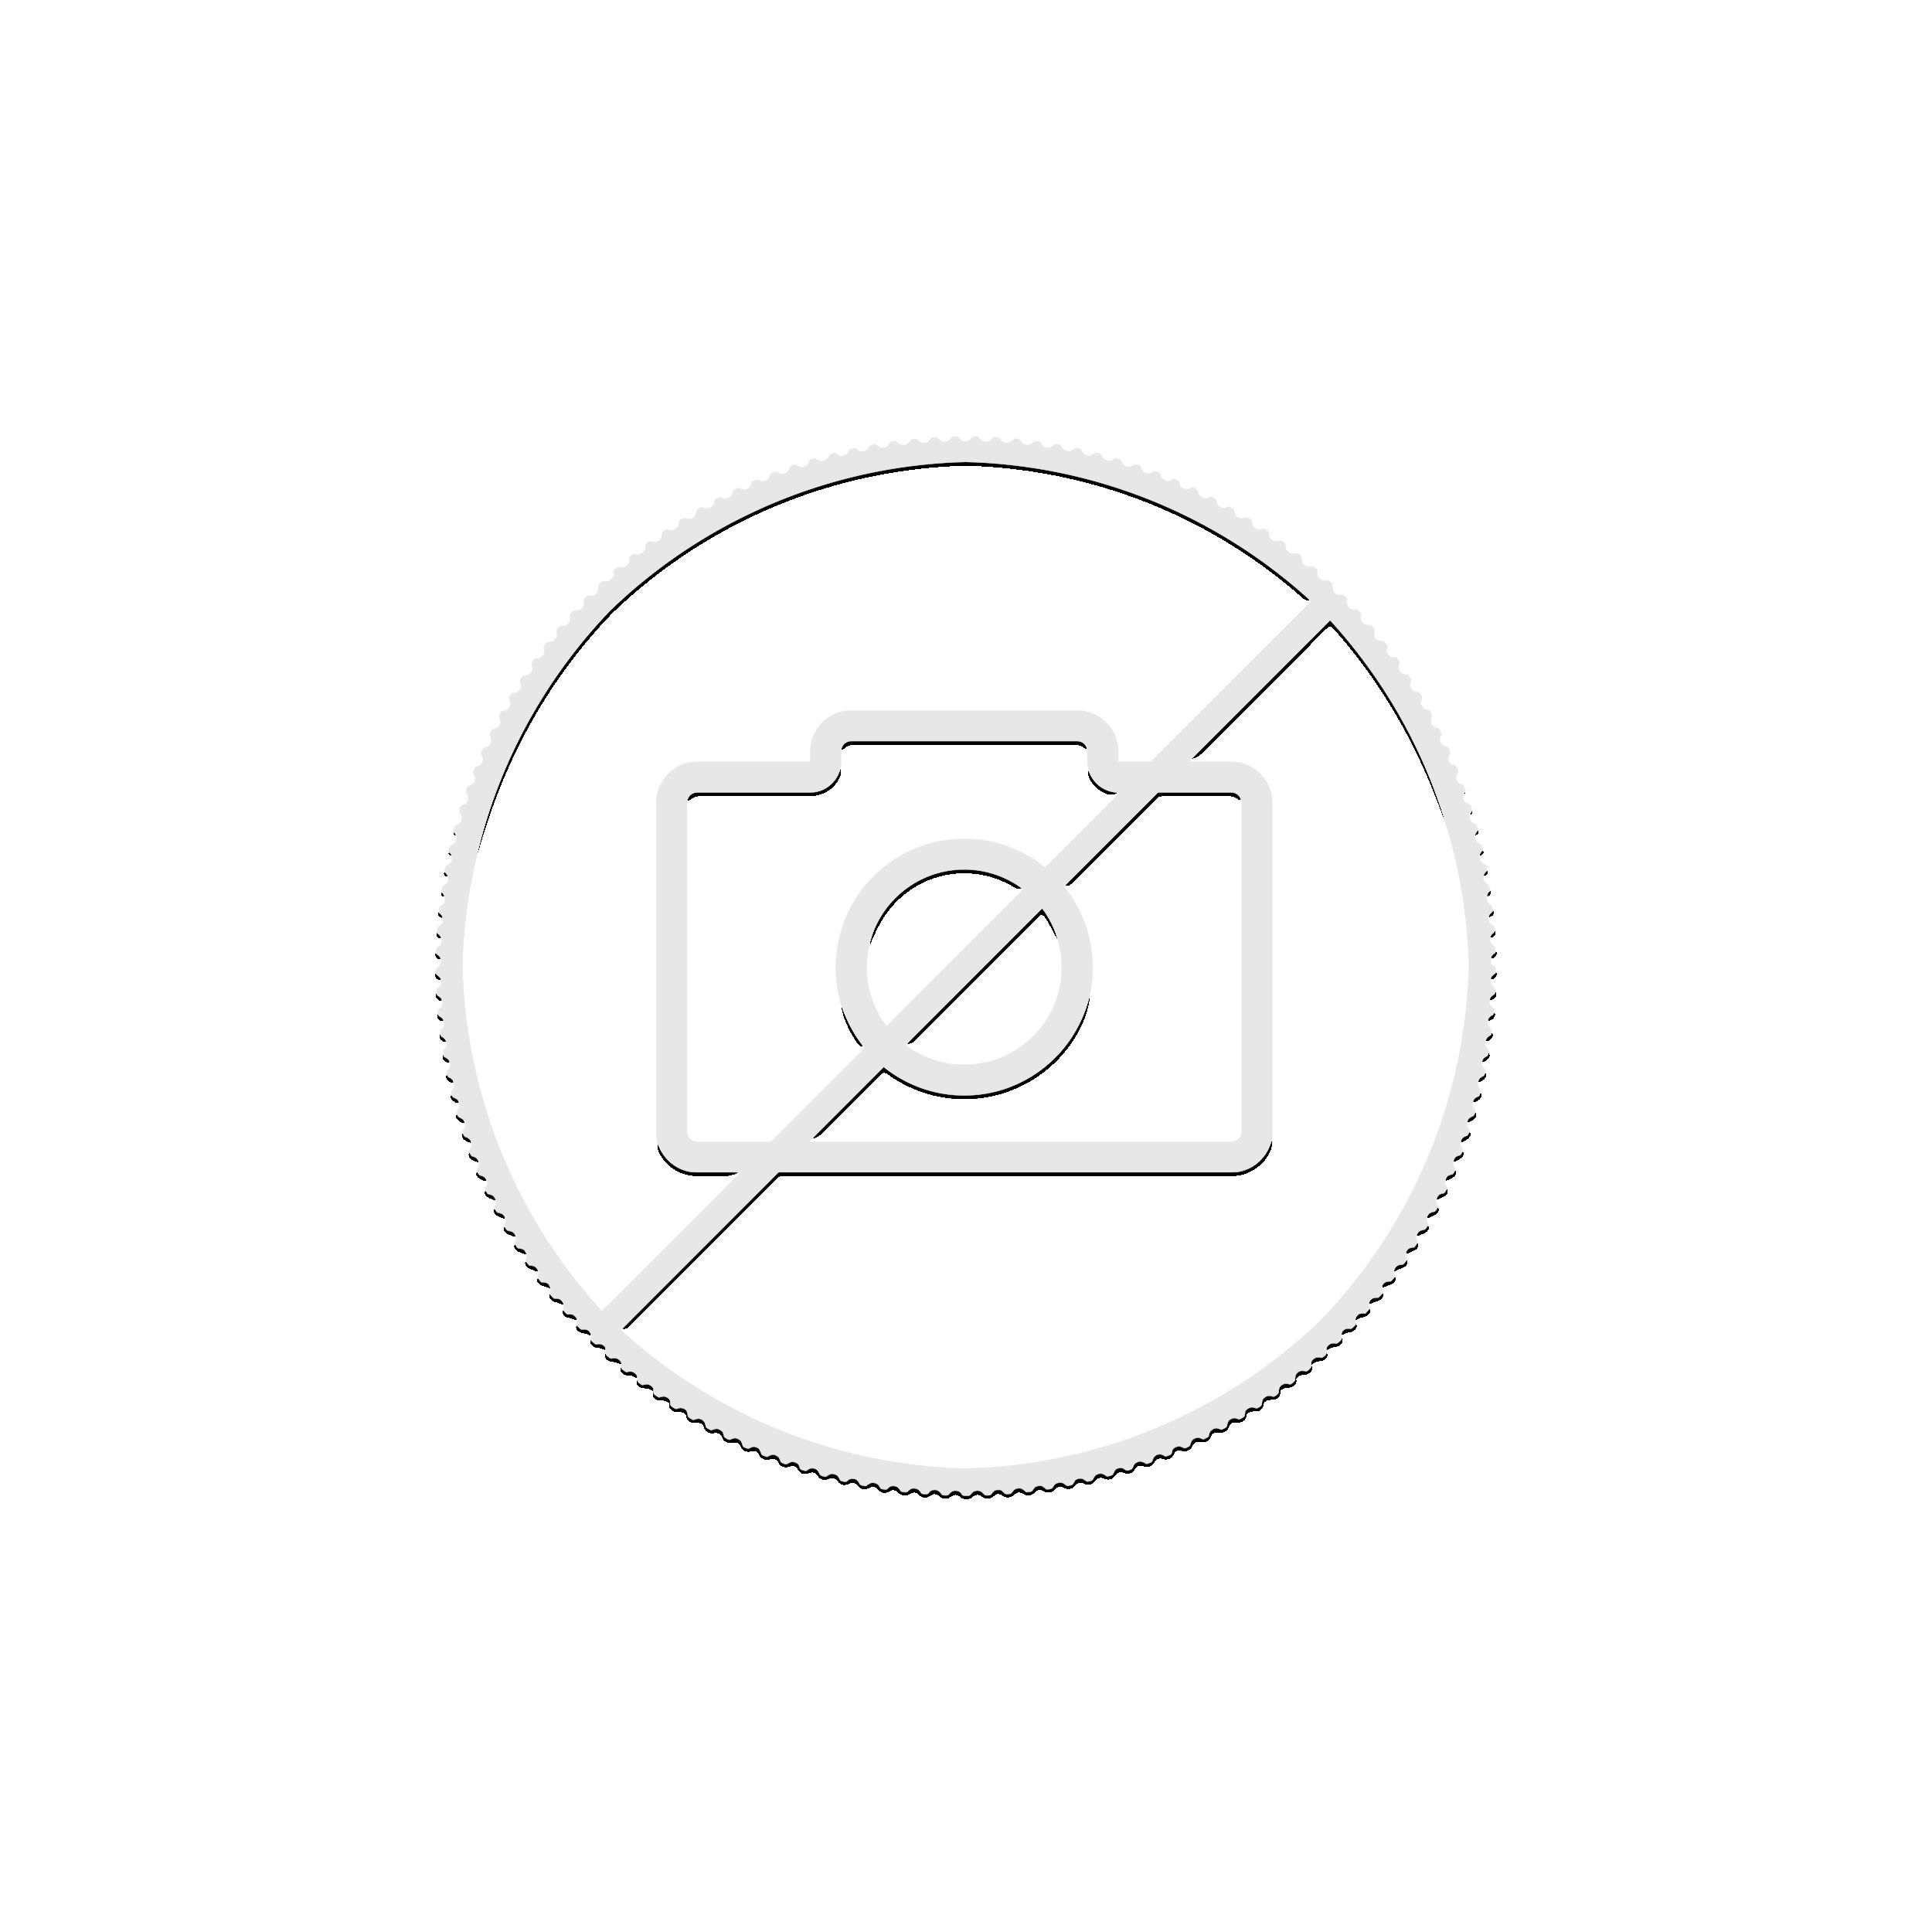 Franklin Mint set zilveren baren collectie van de mooiste zeilschepen